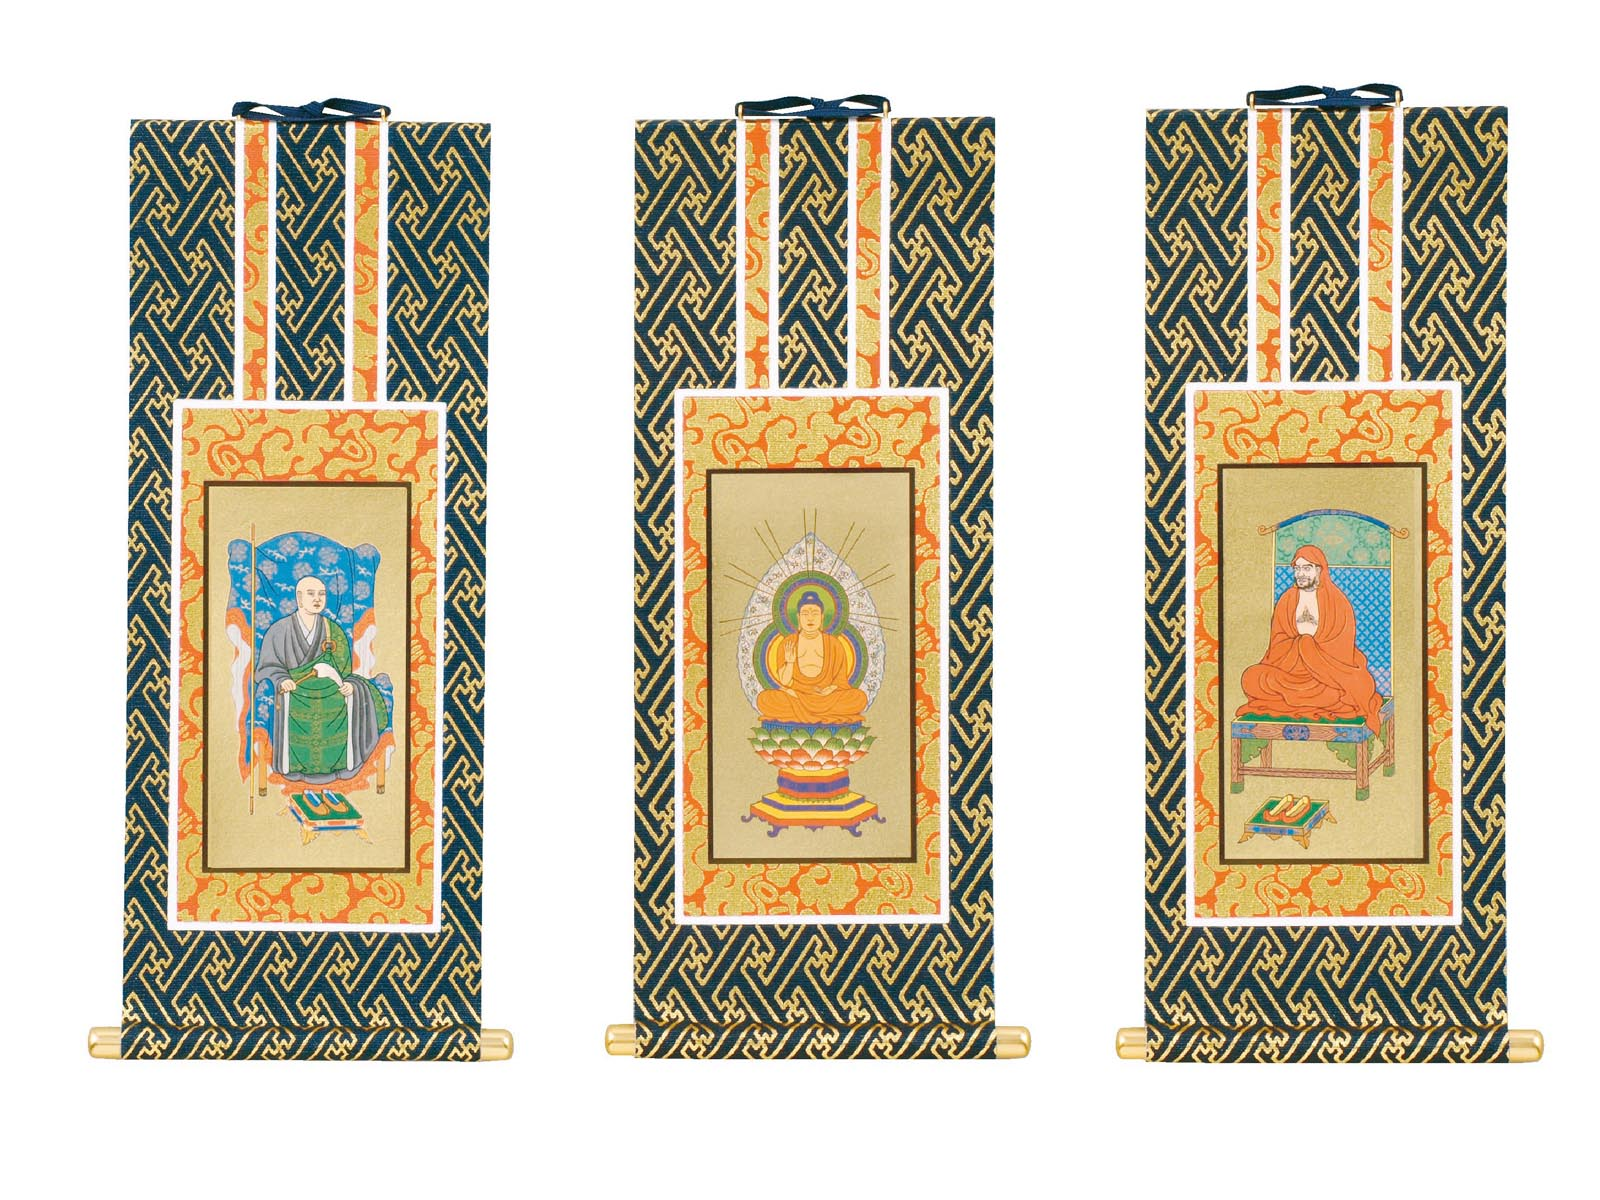 【仏壇用】 禅宗系の掛軸 70代( 本尊と両脇 )3本1組掛軸用押しピンサービス中